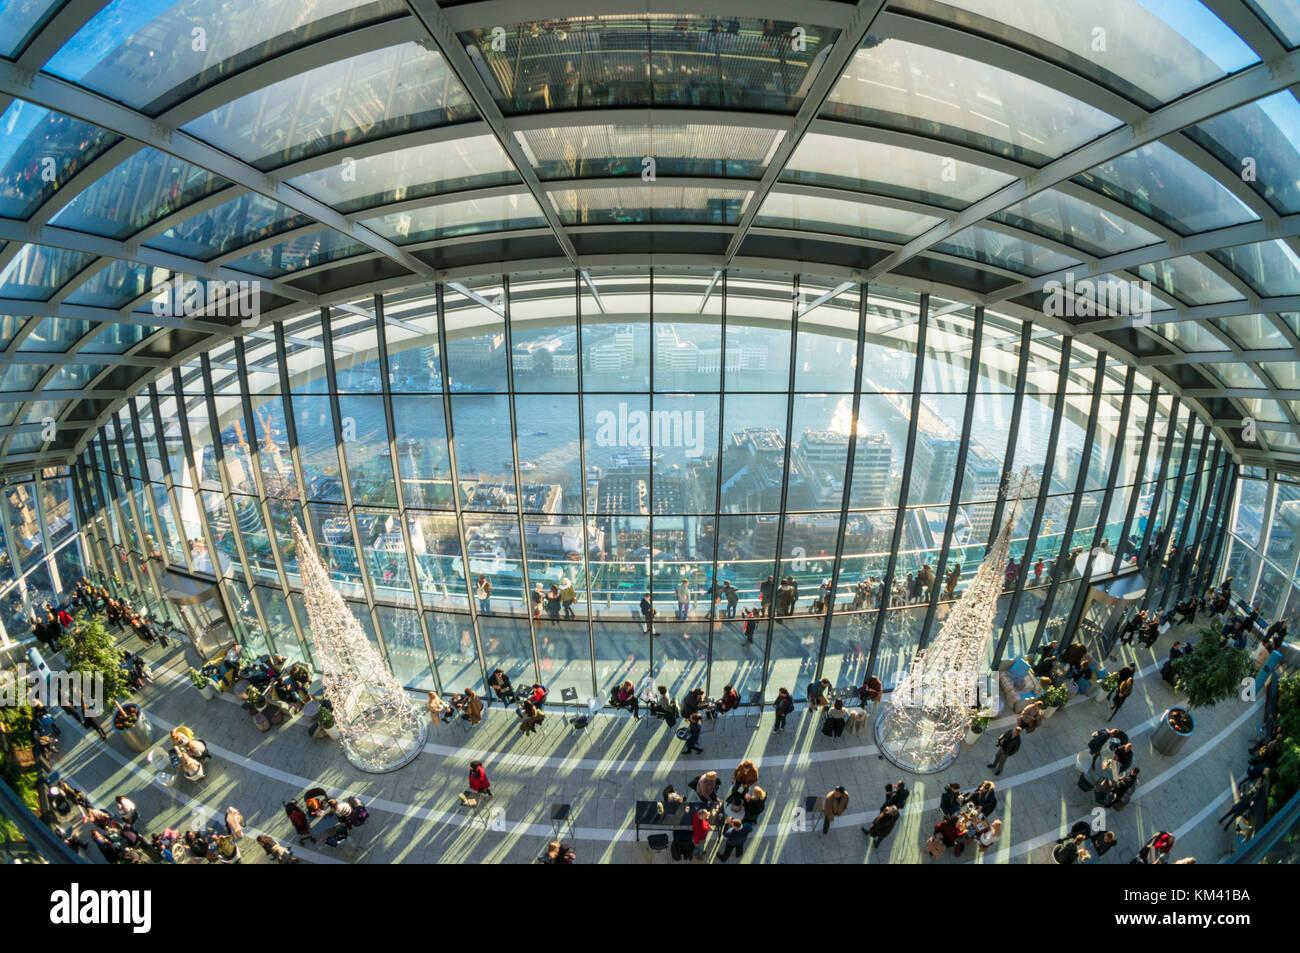 Angleterre Londres Angleterre ville de Londres l'édifice, catégorie gratte-ciel ou talkie walkie 20 Fenchurch Street Banque D'Images